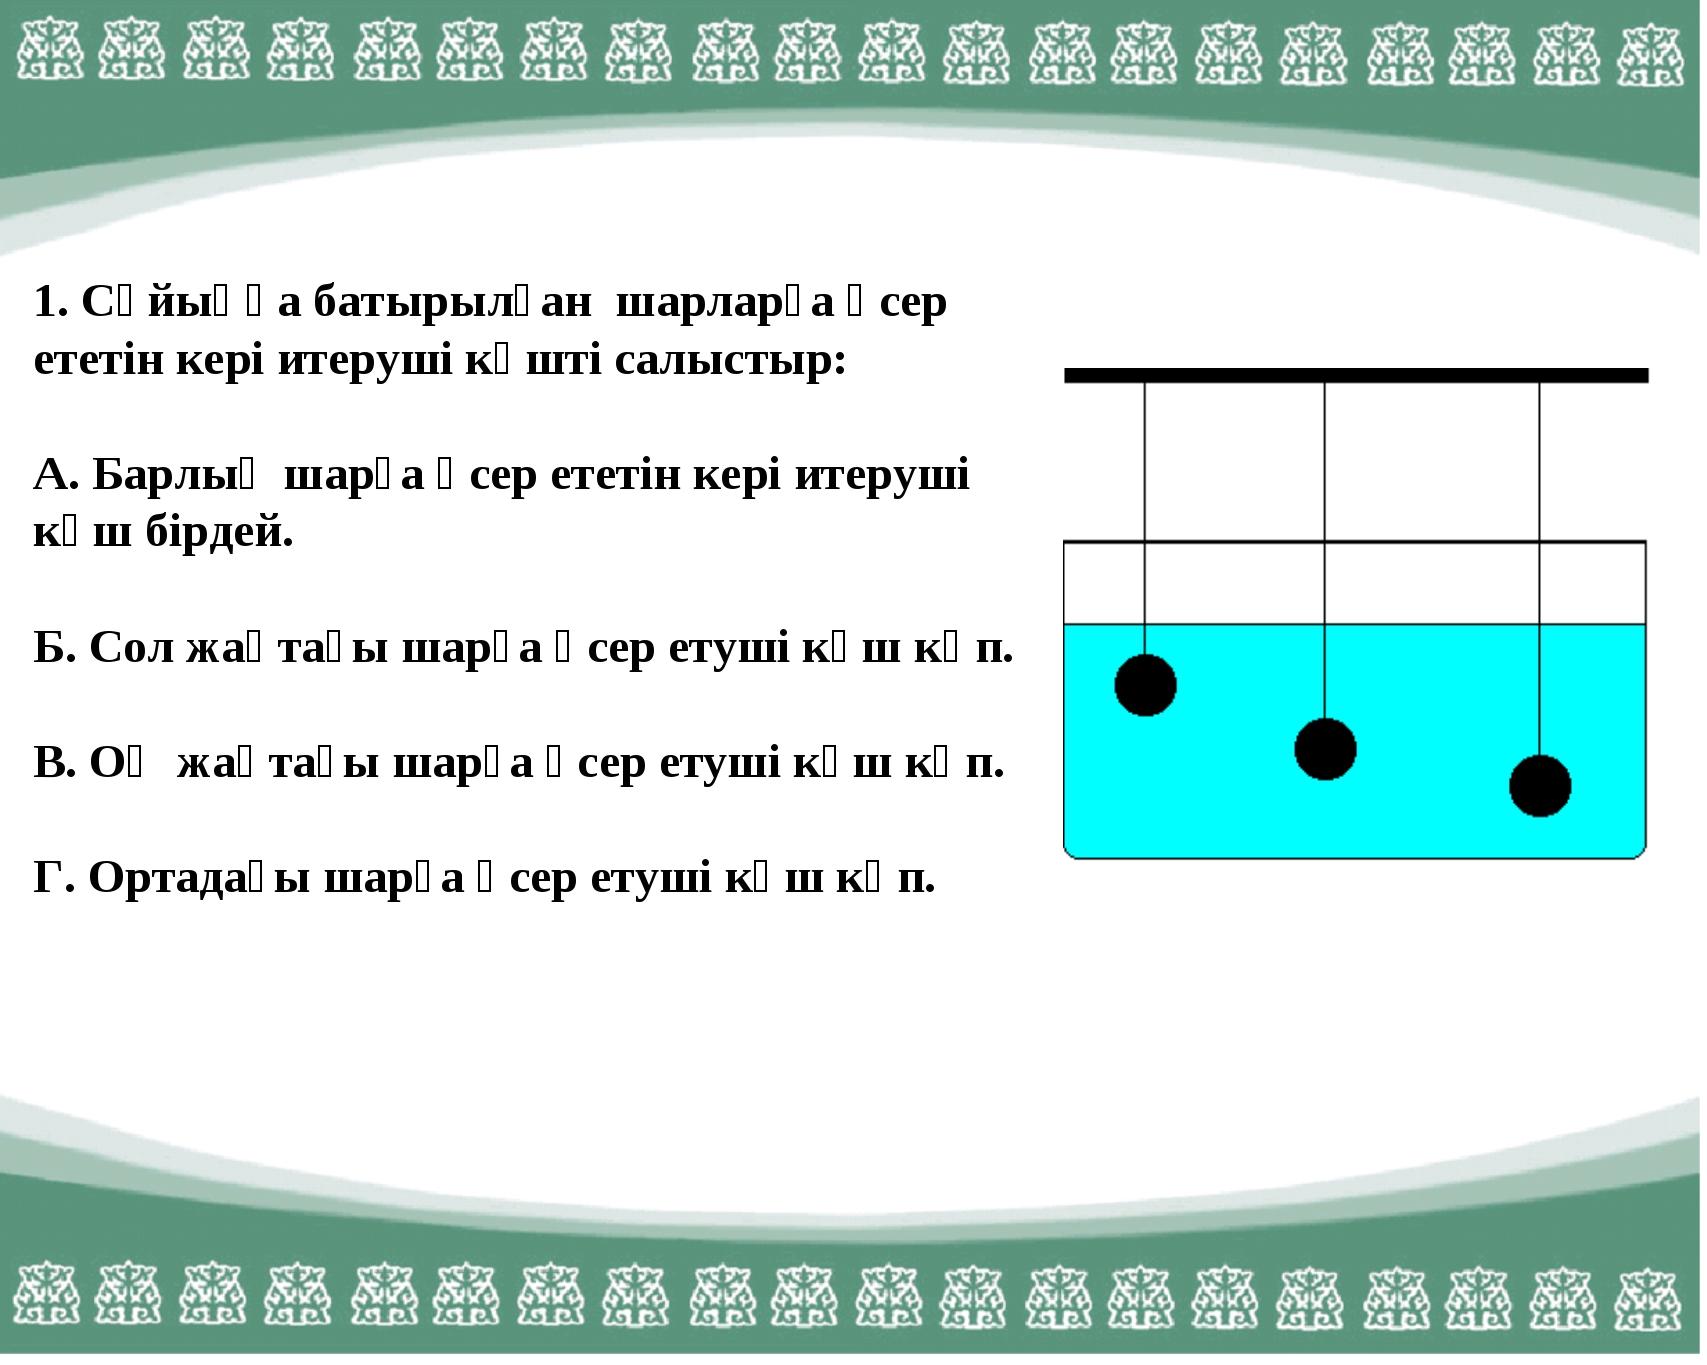 1. Сұйыққа батырылған шарларға әсер ететін кері итеруші күшті салыстыр: А. Ба...